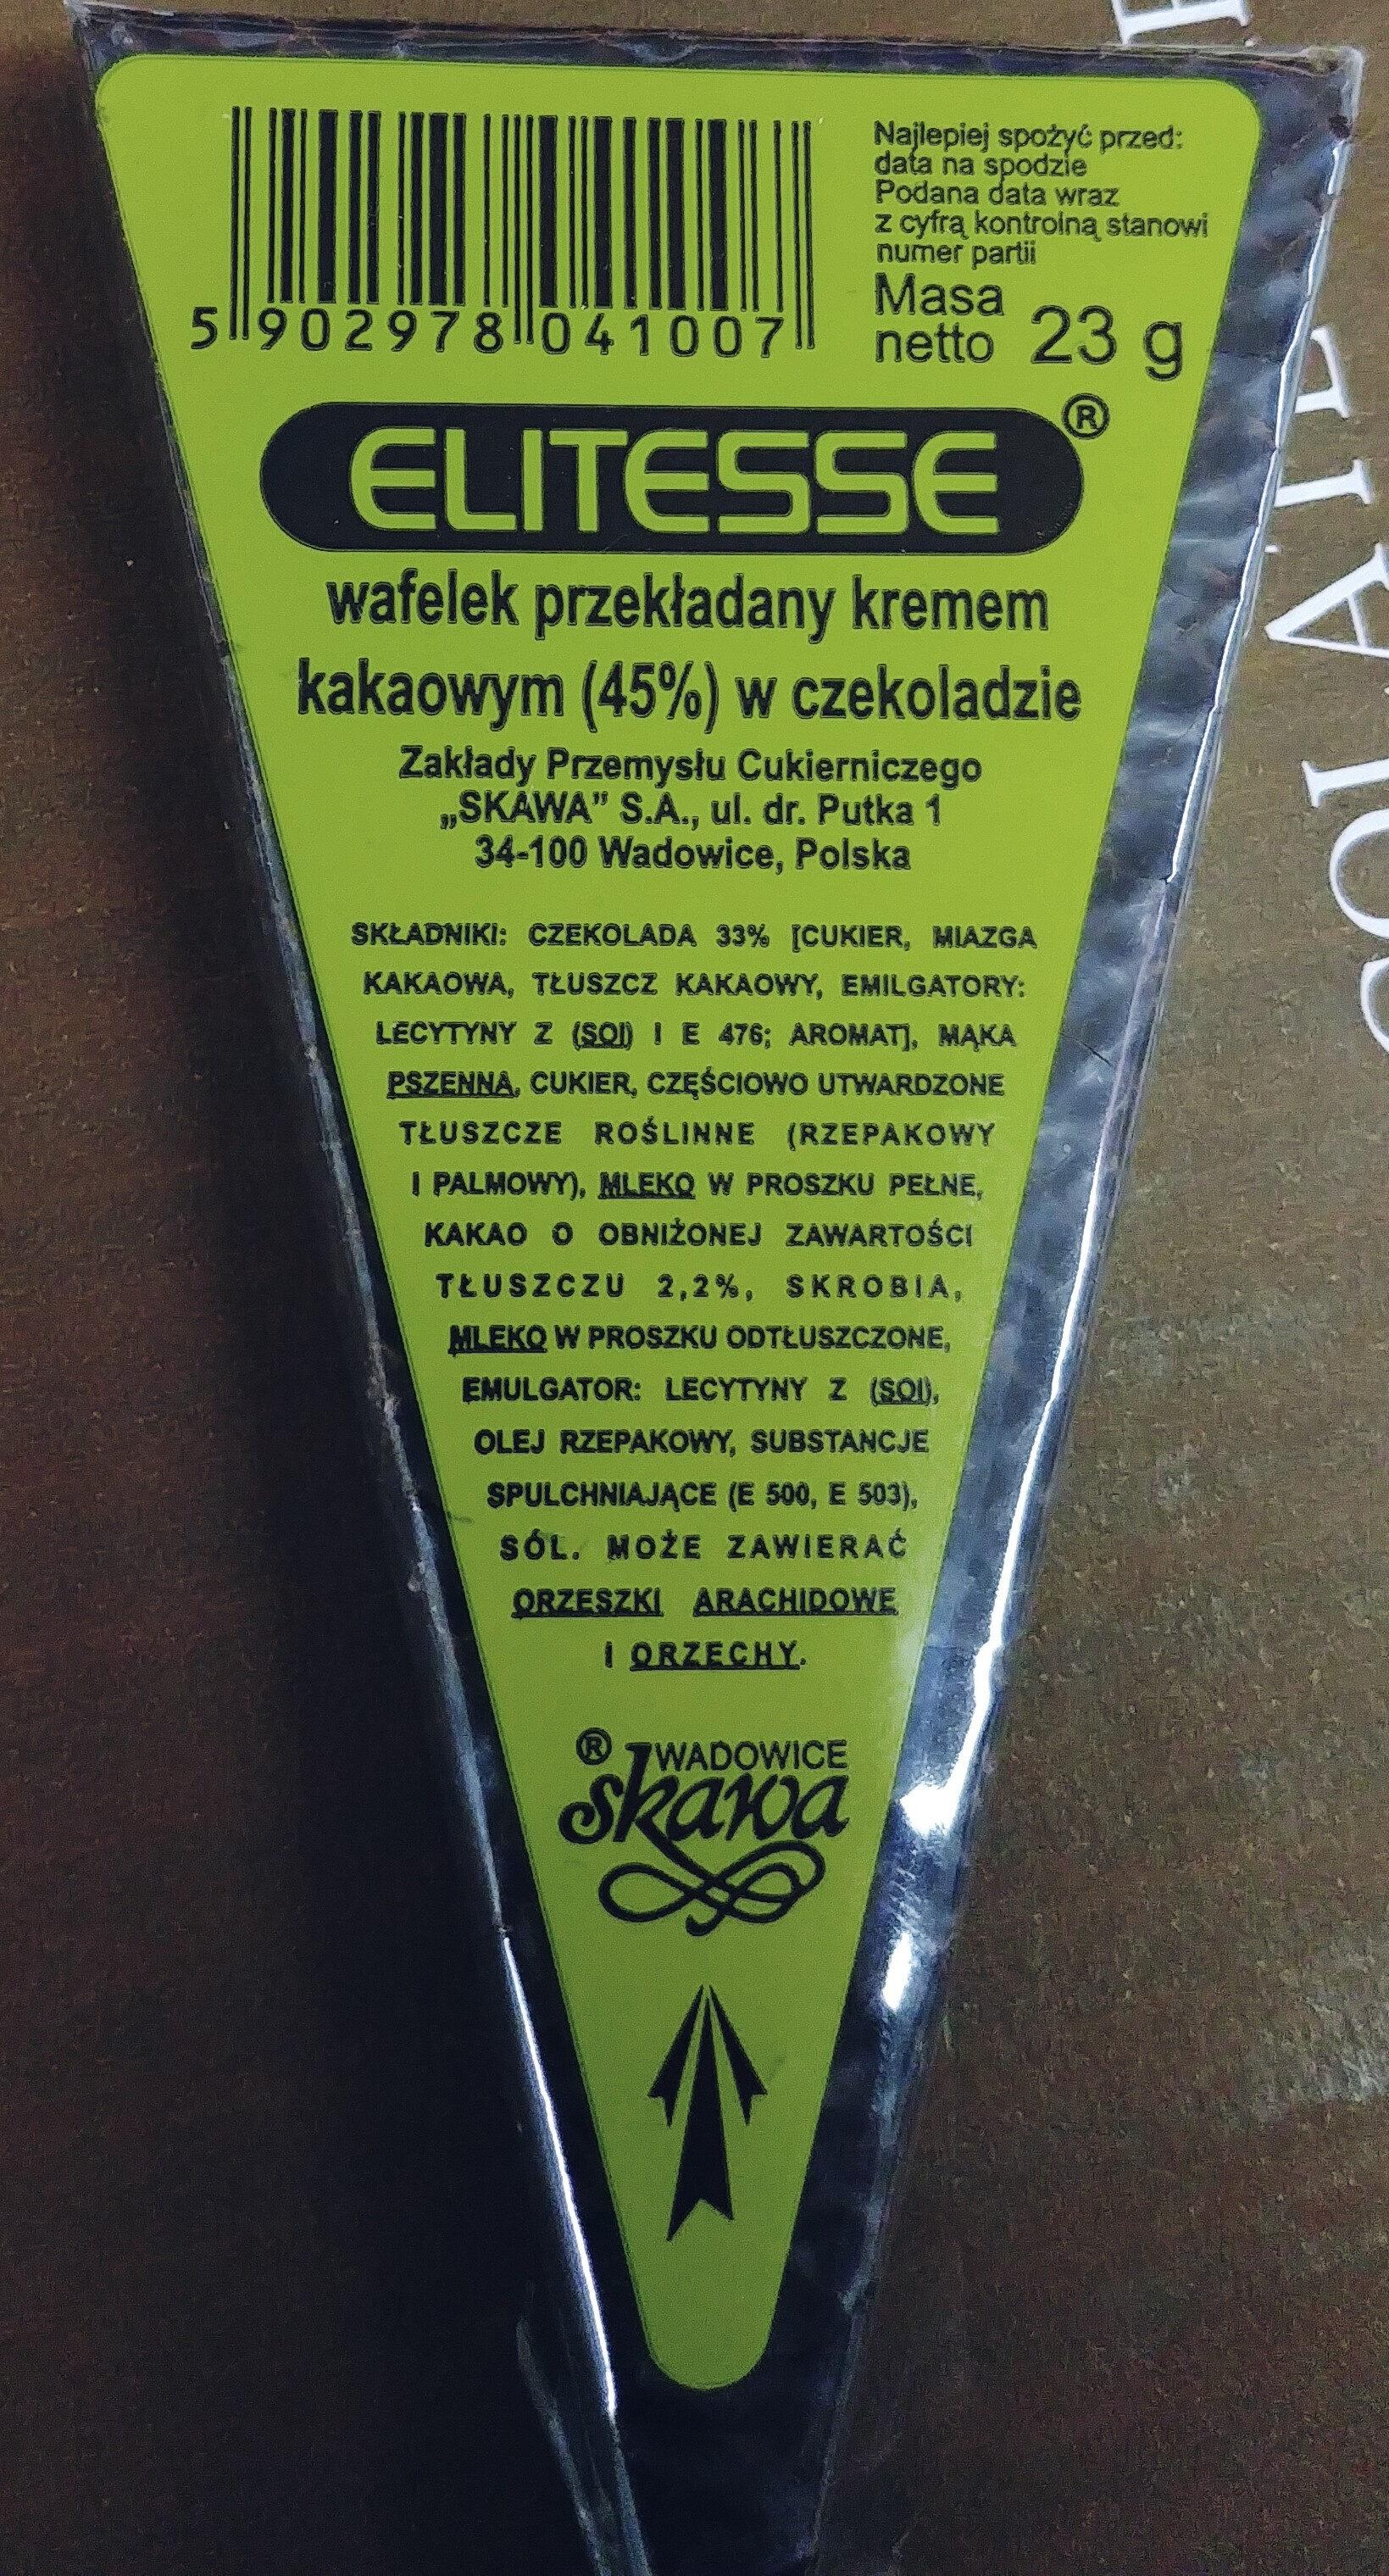 Wafelek przekładany kremem kakaowym (45%) w czekoladzie. - Produkt - pl